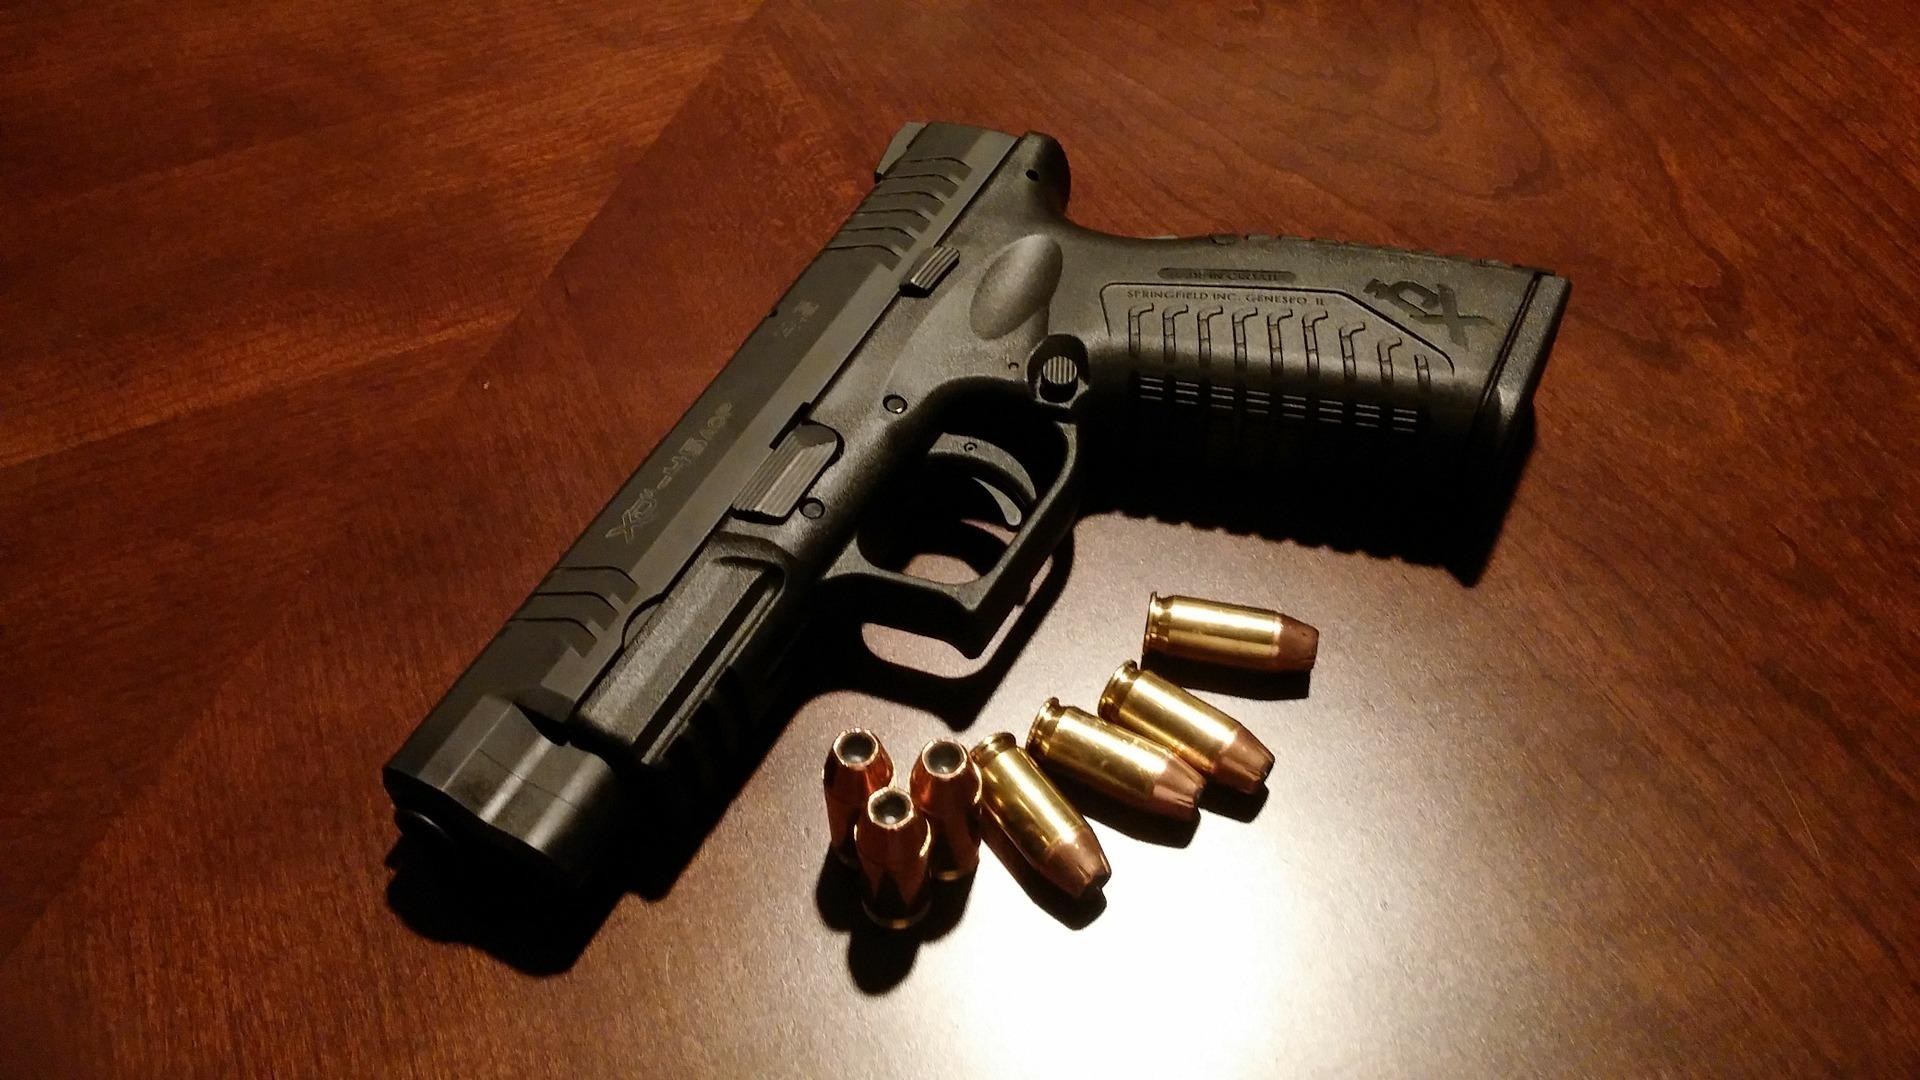 В Японии в туалете круглосуточного магазина нашли заряженный пистолет